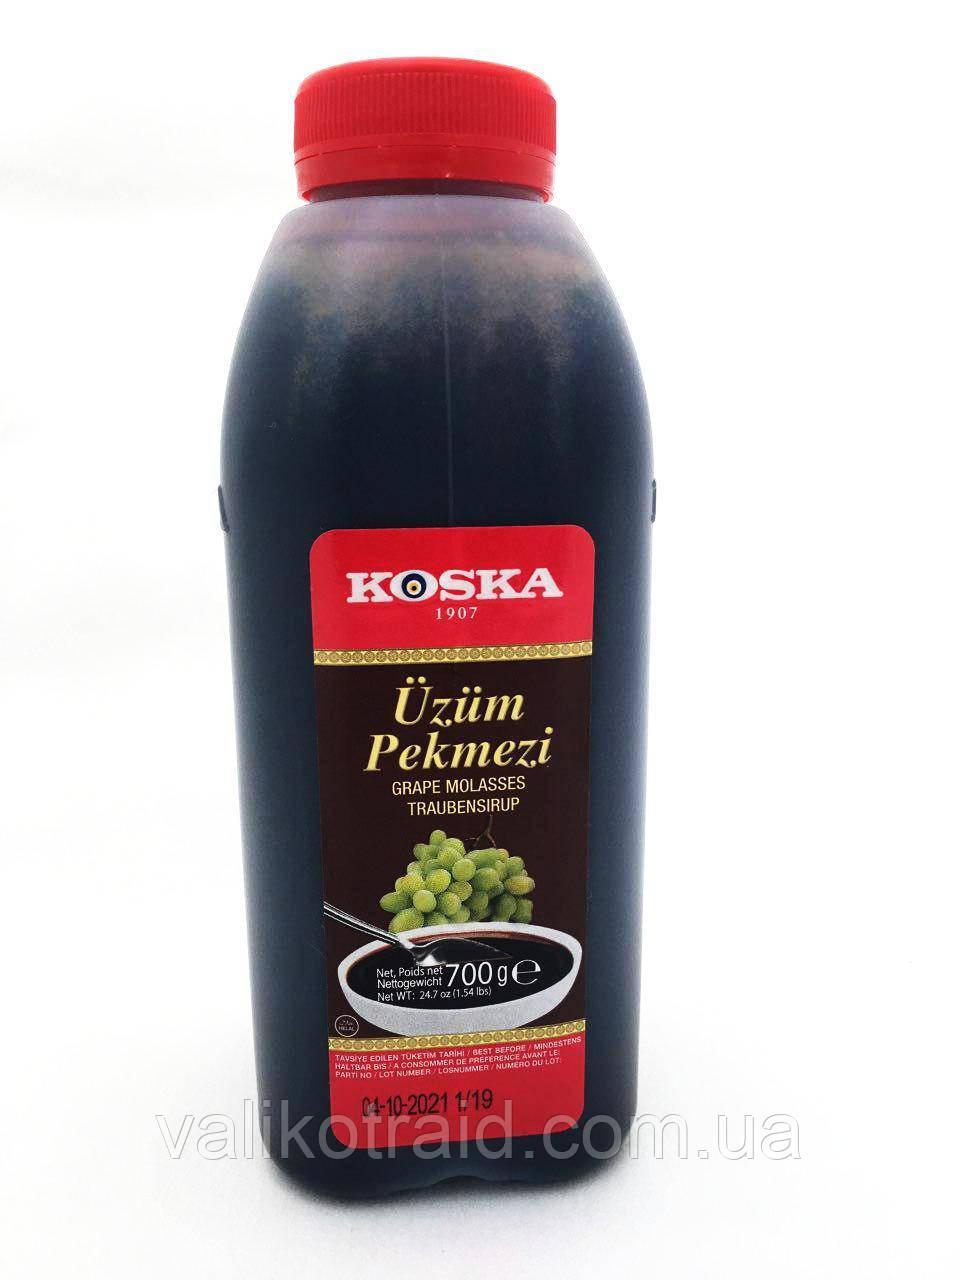 Пекмез Koska ( виноградний сироп - патока) пластик 700 мл для вагітних